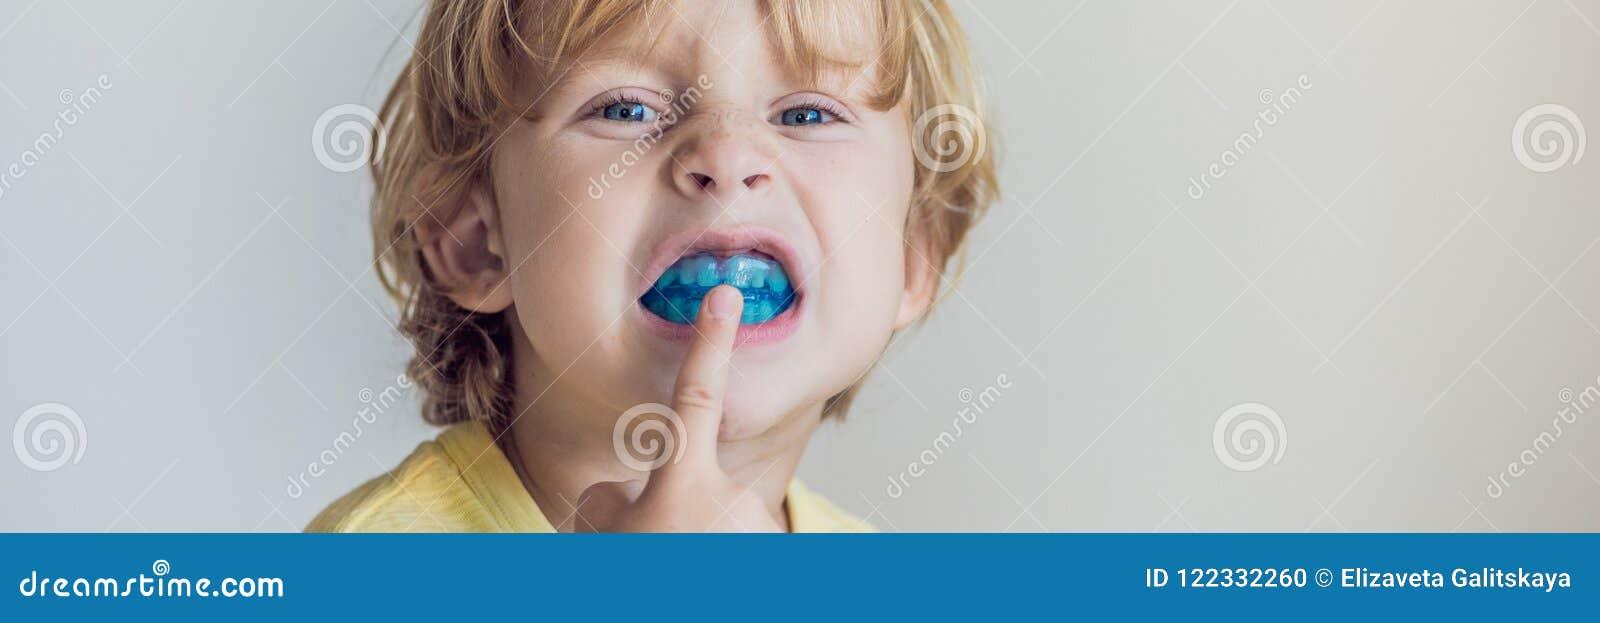 Το τρίχρονο παλαιό αγόρι παρουσιάζει myofunctional εκπαιδευτή για να φωτίσει τη συνήθεια στοματικής αναπνοής Οι βοήθειες εξισώνου